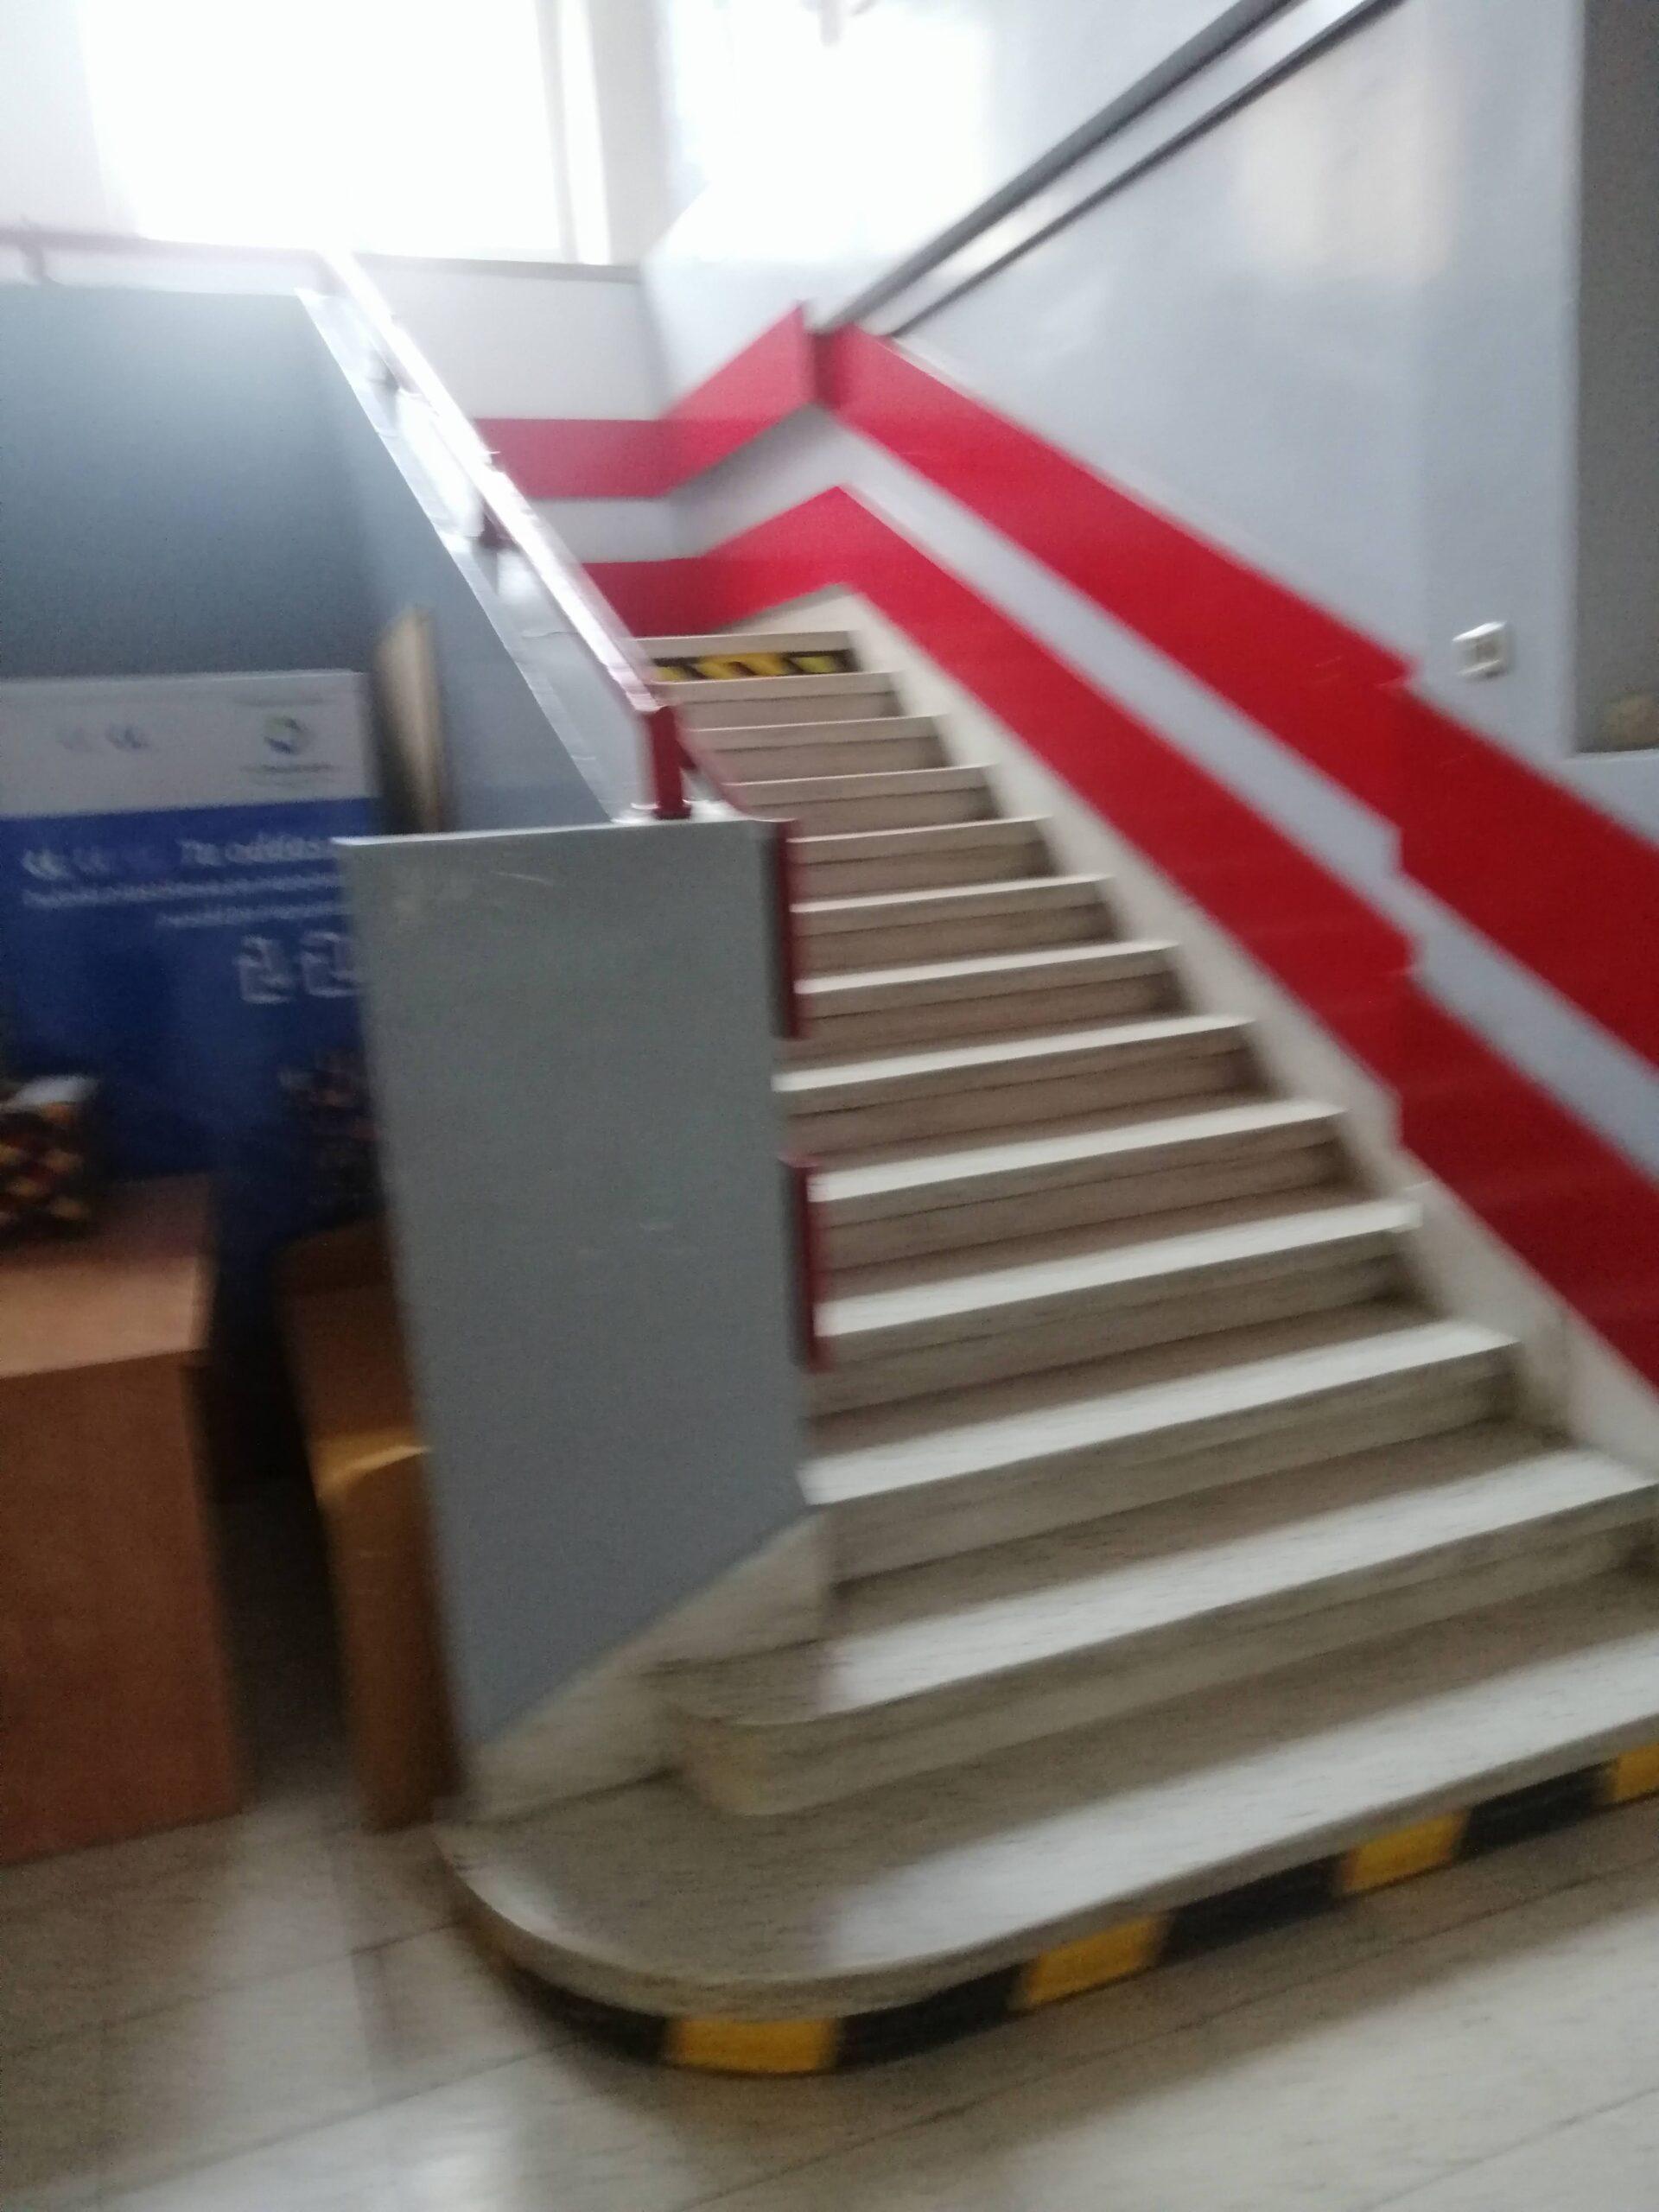 schody wewnątrz budynku z czerwoną poręczą